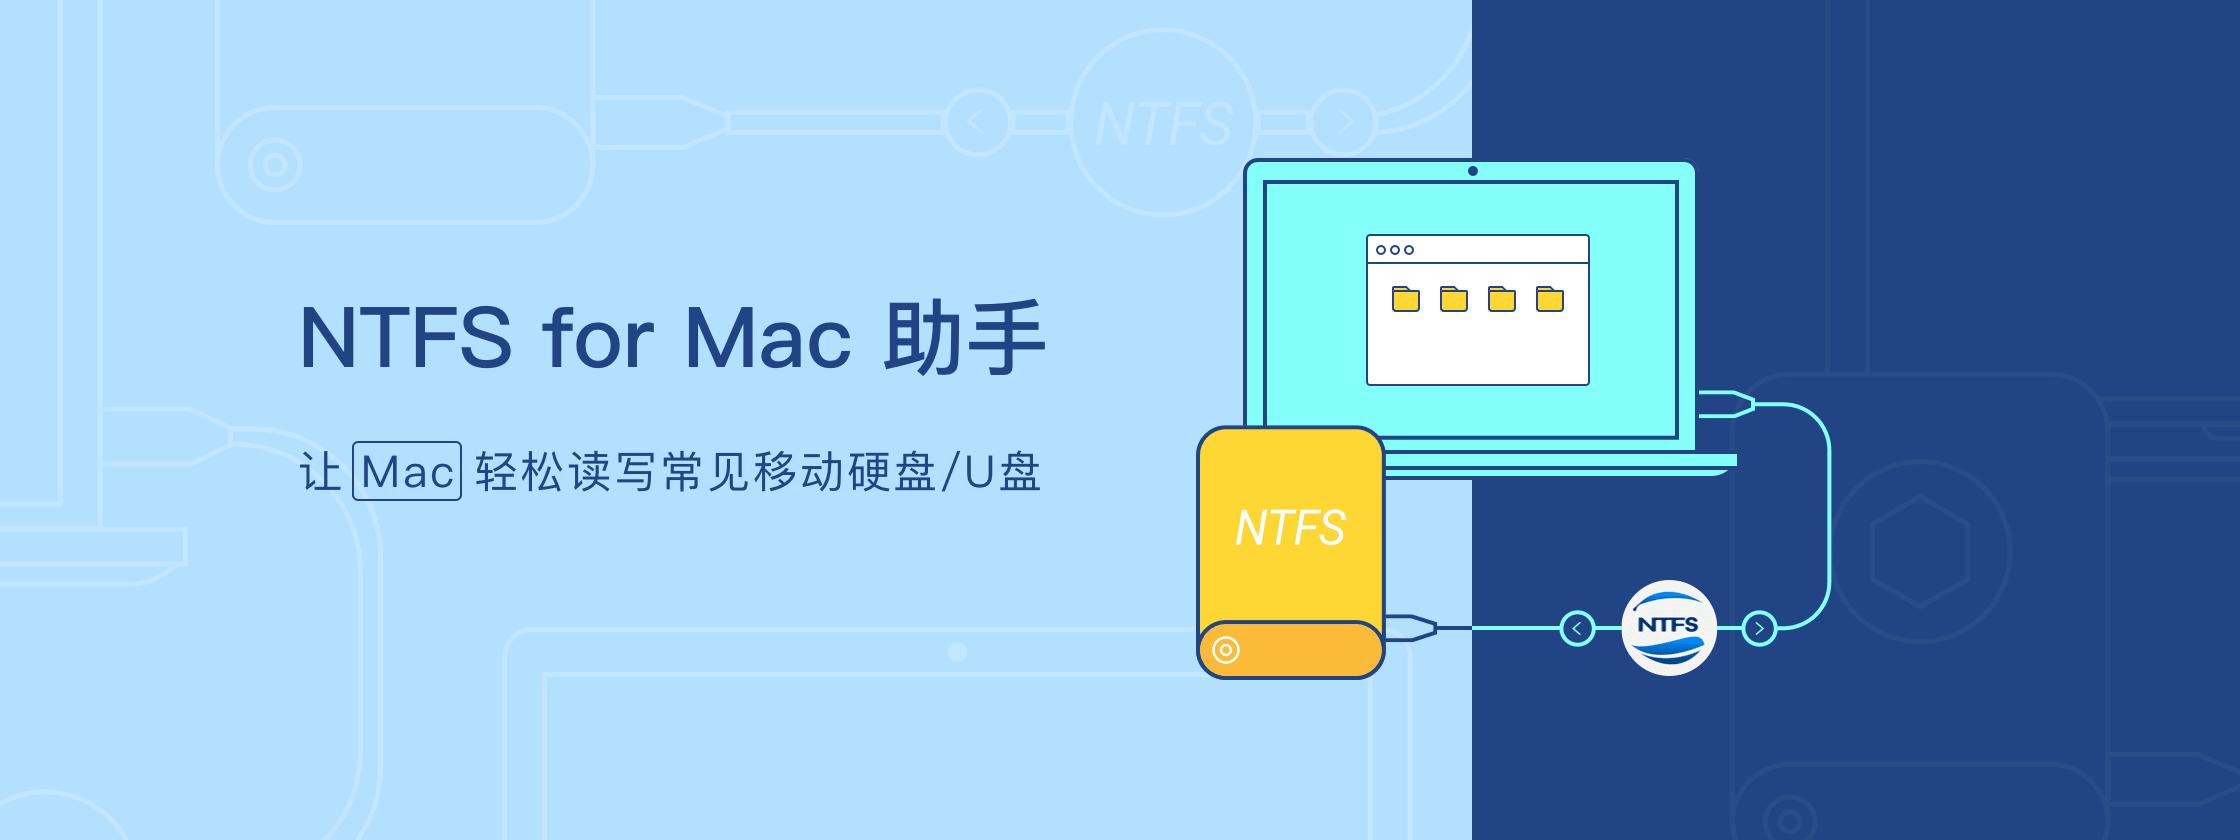 NTFS for Mac 助手 – 让 Mac 轻松读取常见格式硬盘